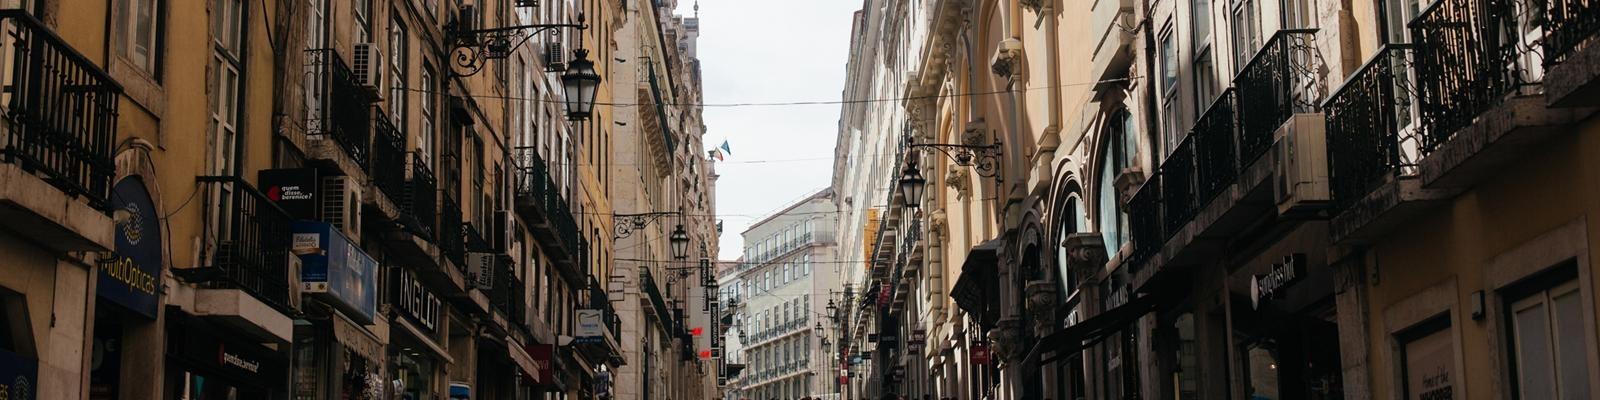 Hidden Gems in Lisbon